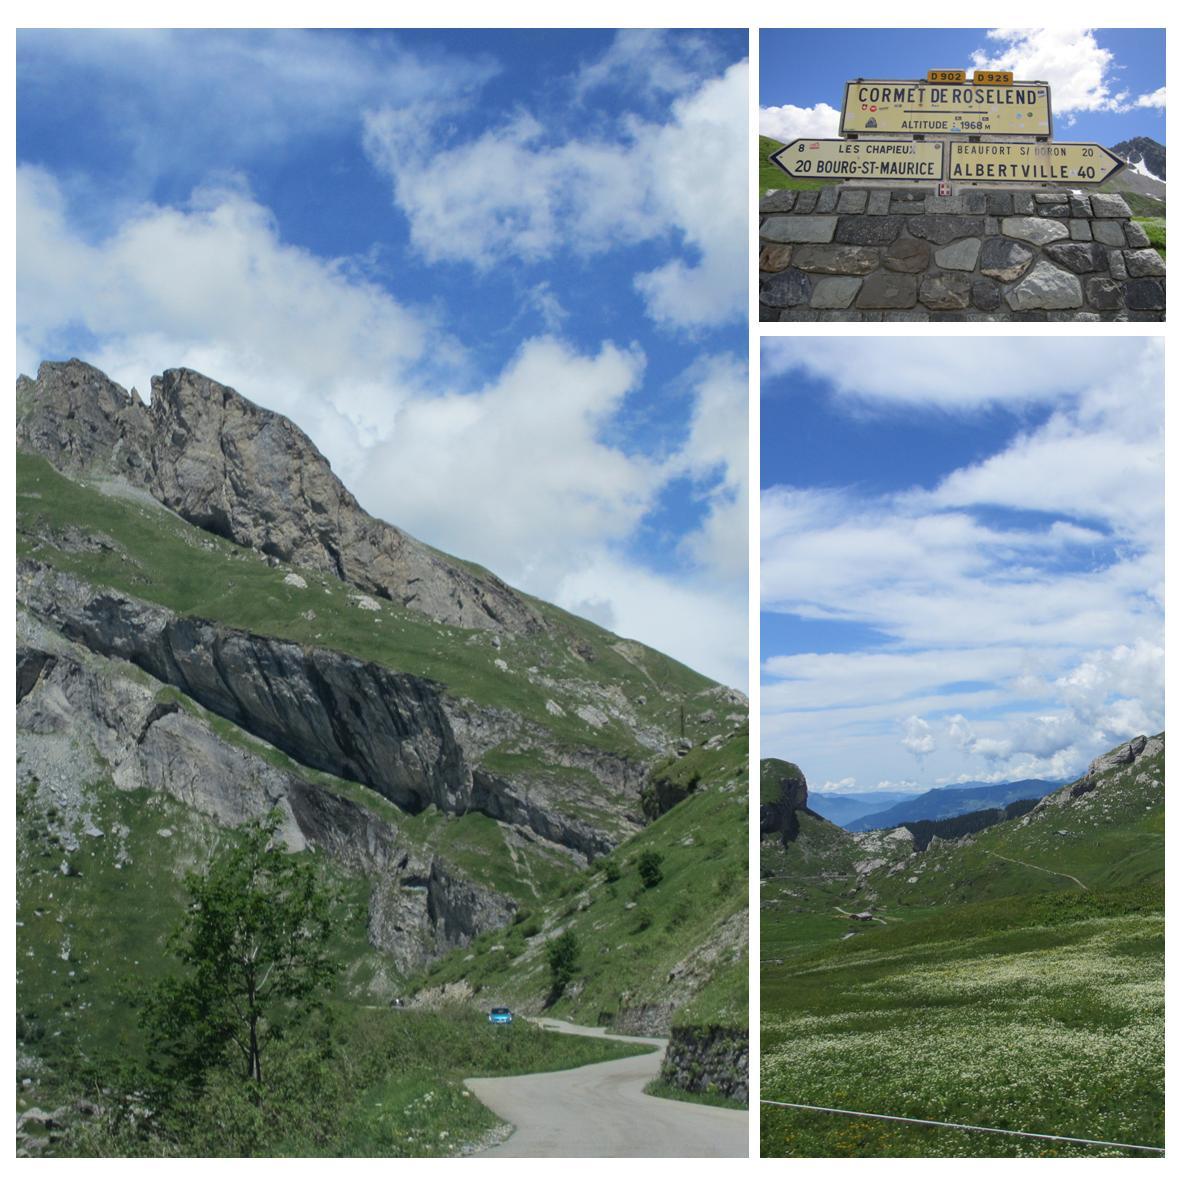 Høye fjelloverganger på bilferie i franske alper